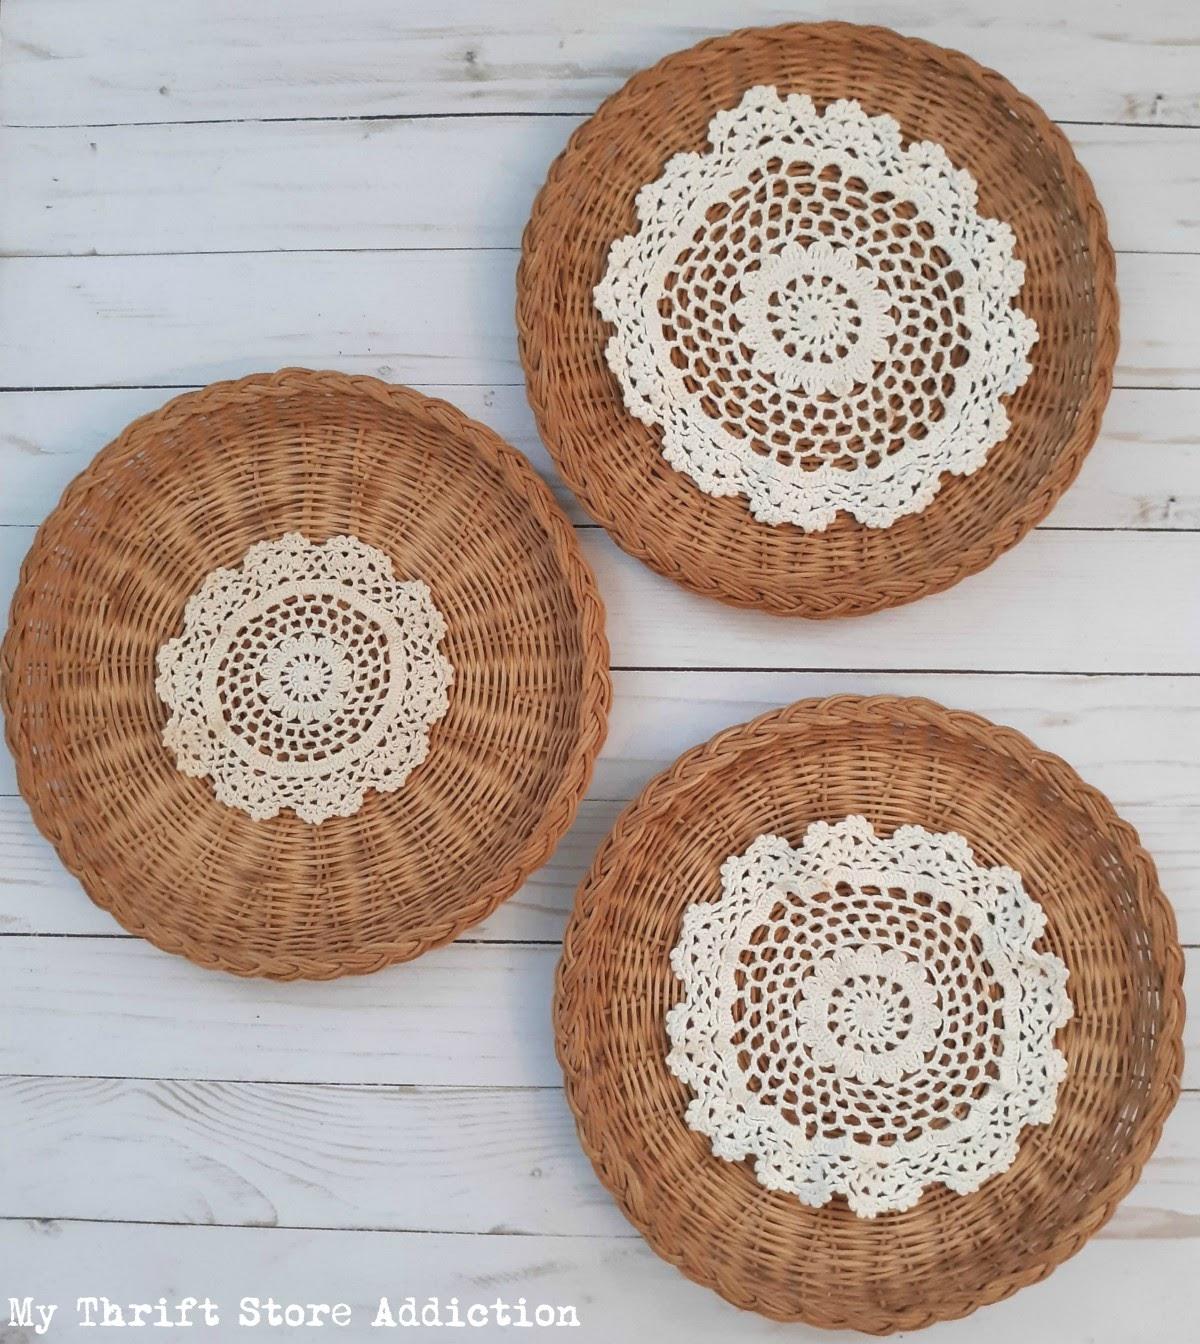 boho wall baskets